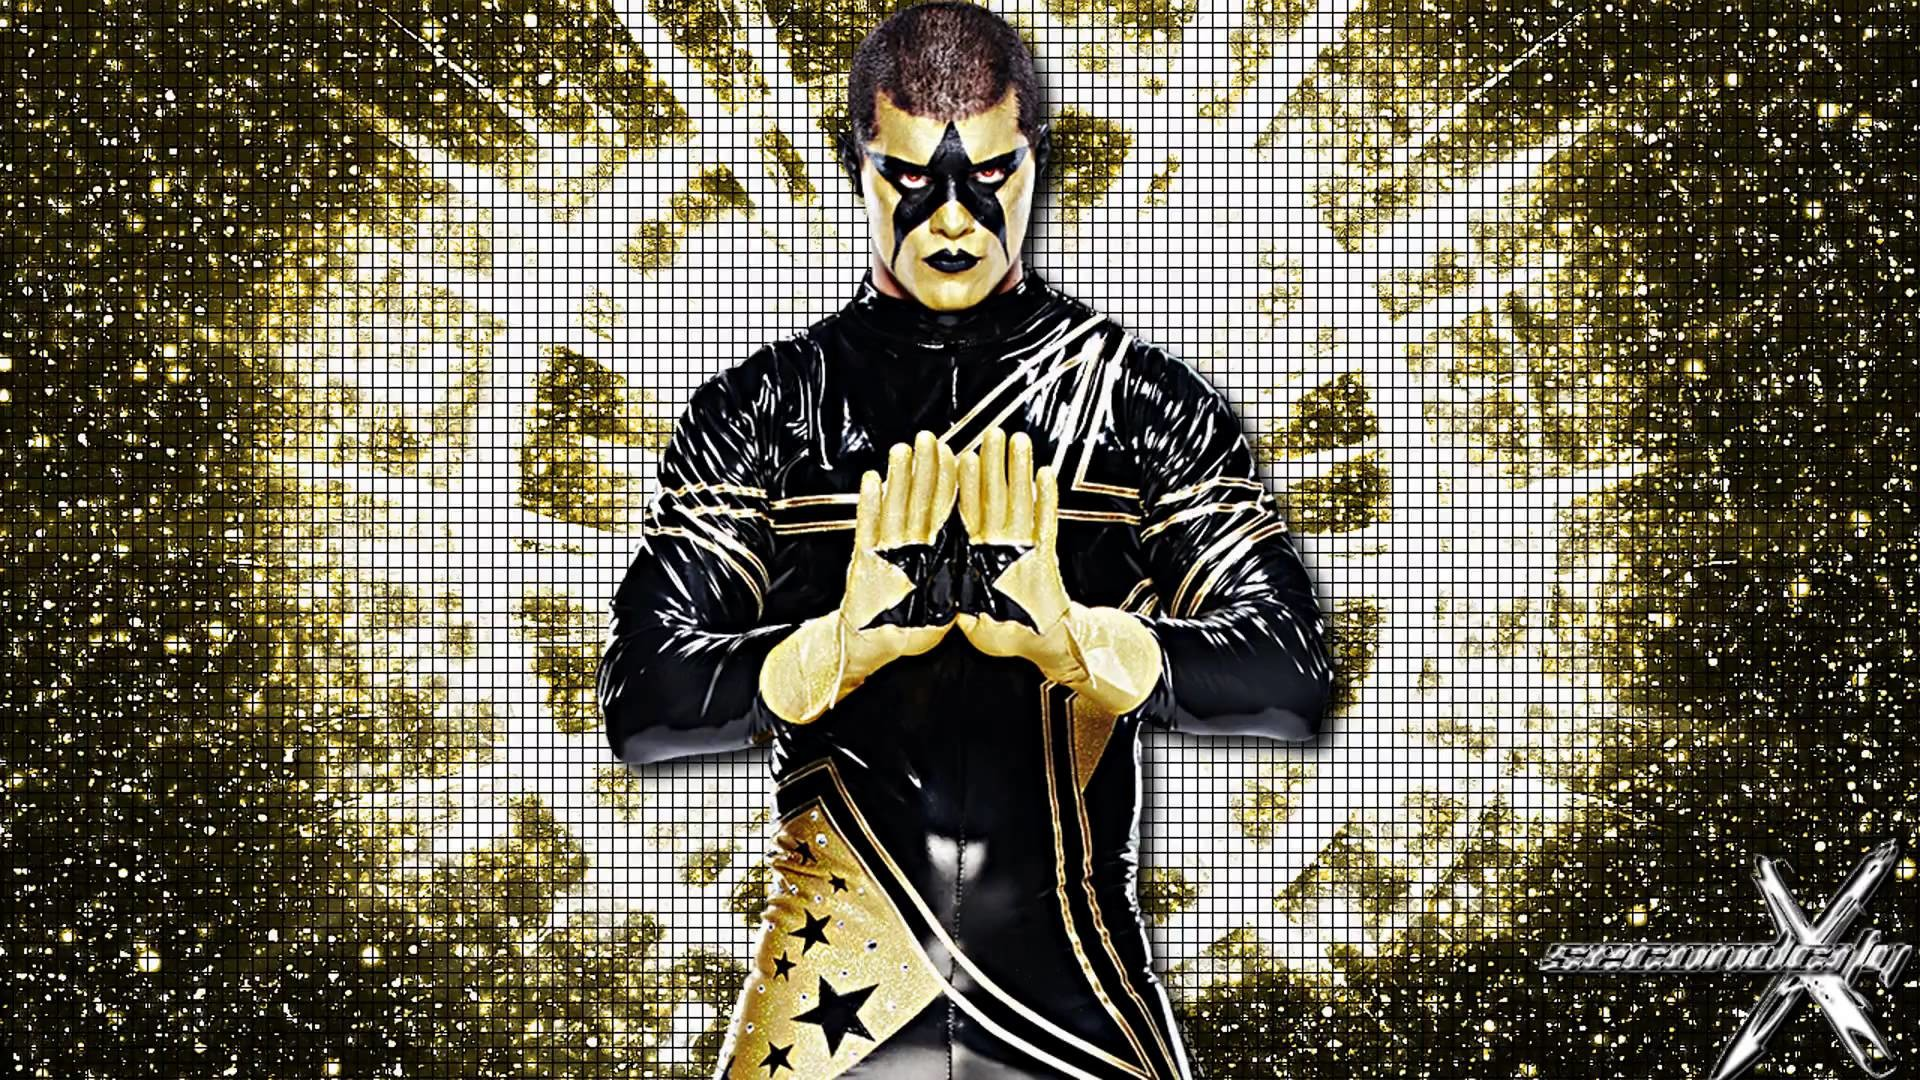 Res: 1920x1080, WWE superstars Hintergrund called Stardust